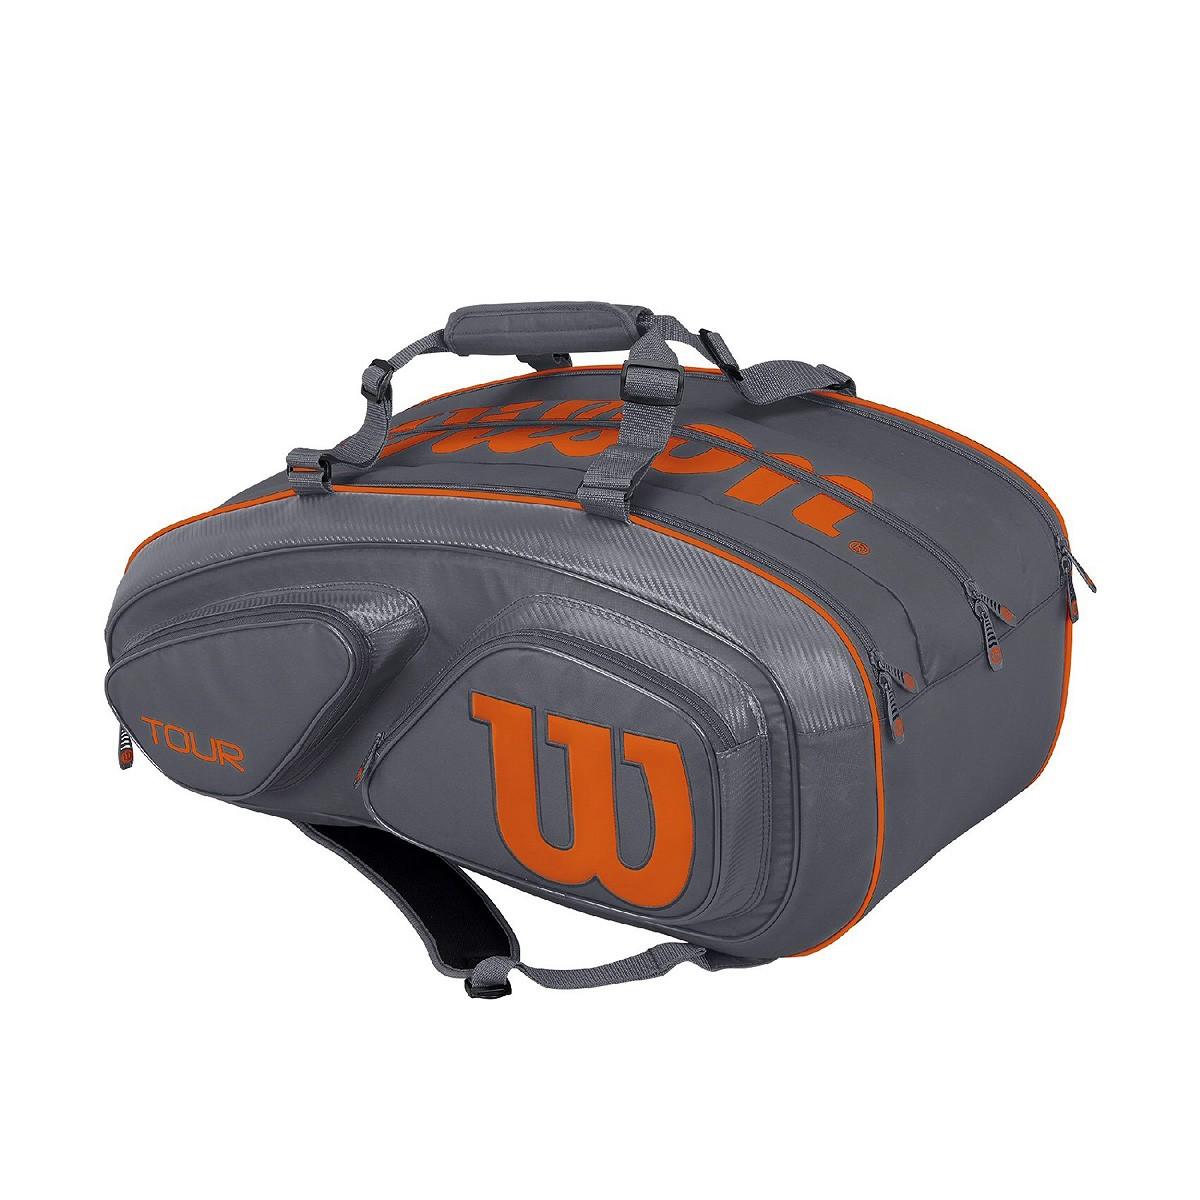 Torba tenisowa Wilson Tour V Grey 15 Pack Bag